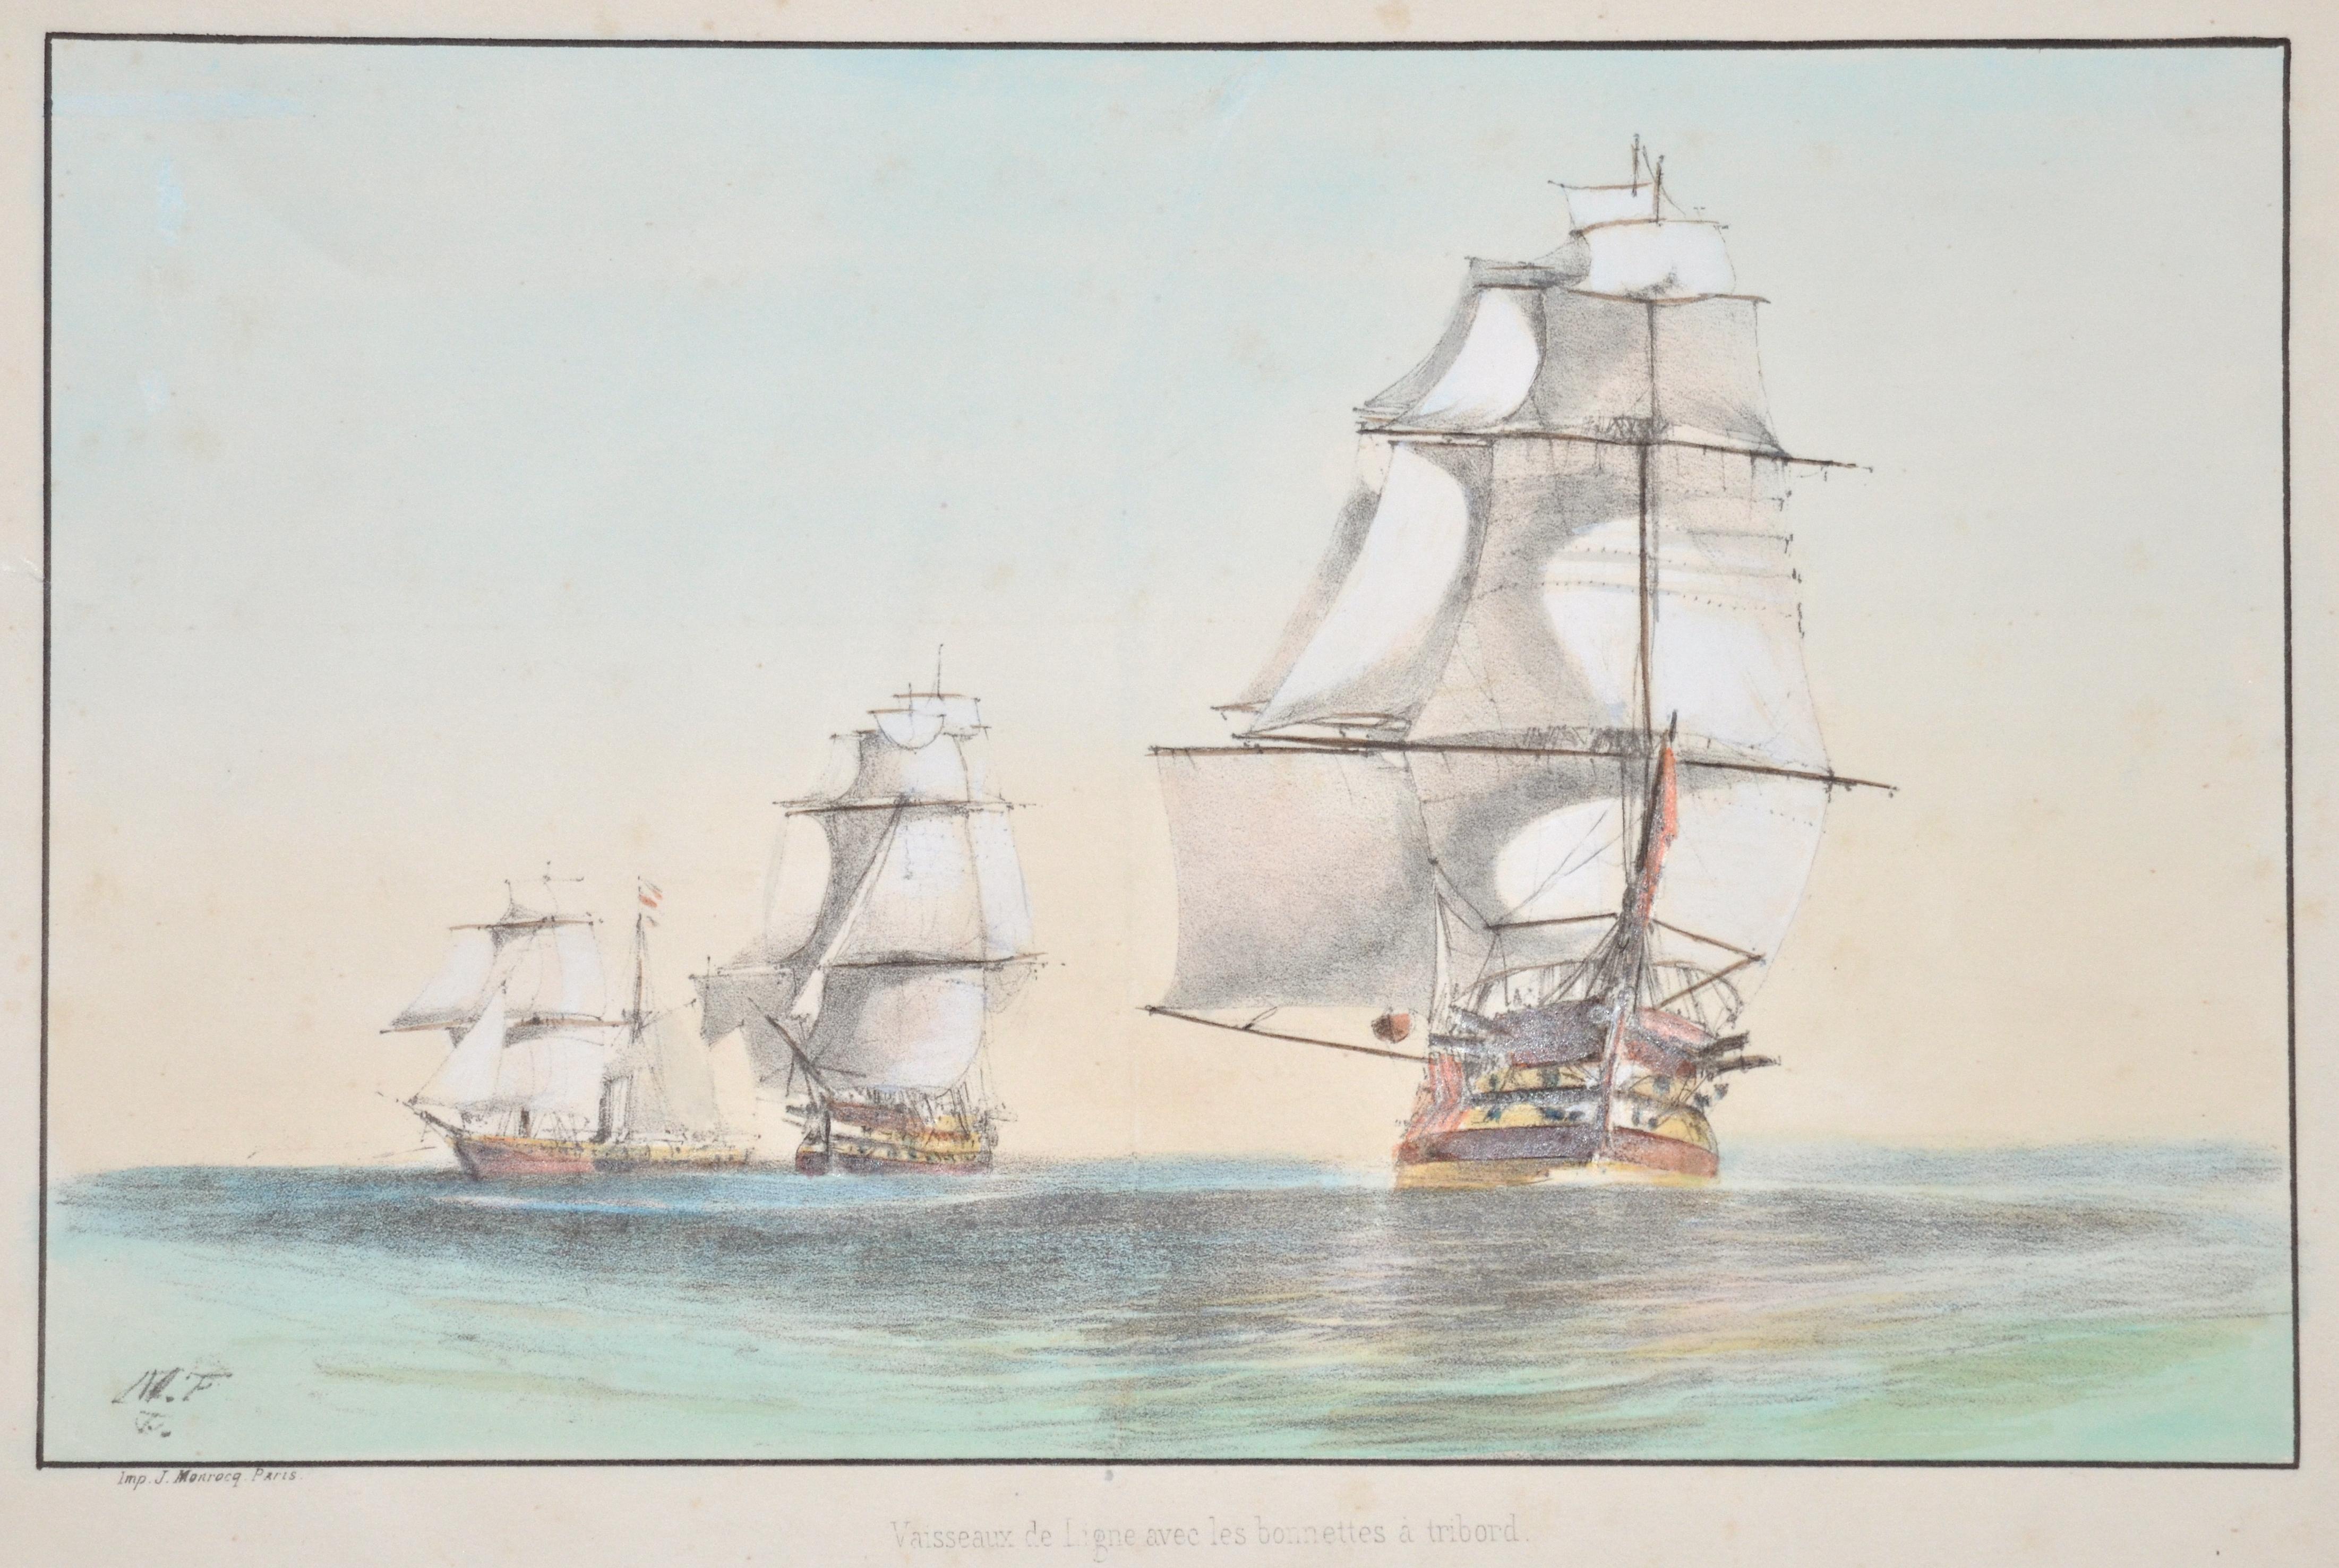 Monrocq J. Vaisseaux de Ligne avec les bonnettes à tribord.